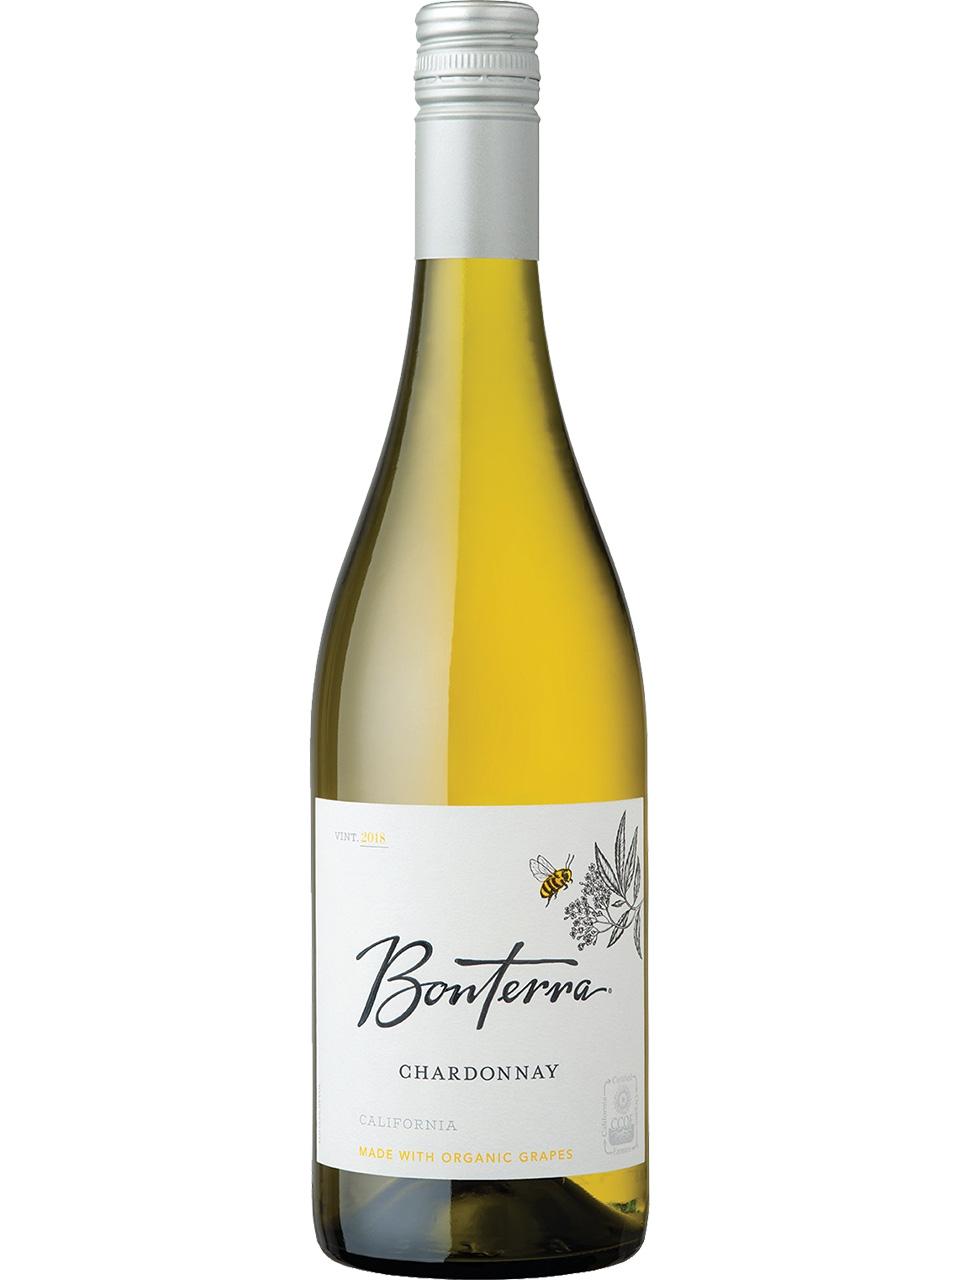 Bonterra Mendocino County Chardonnay